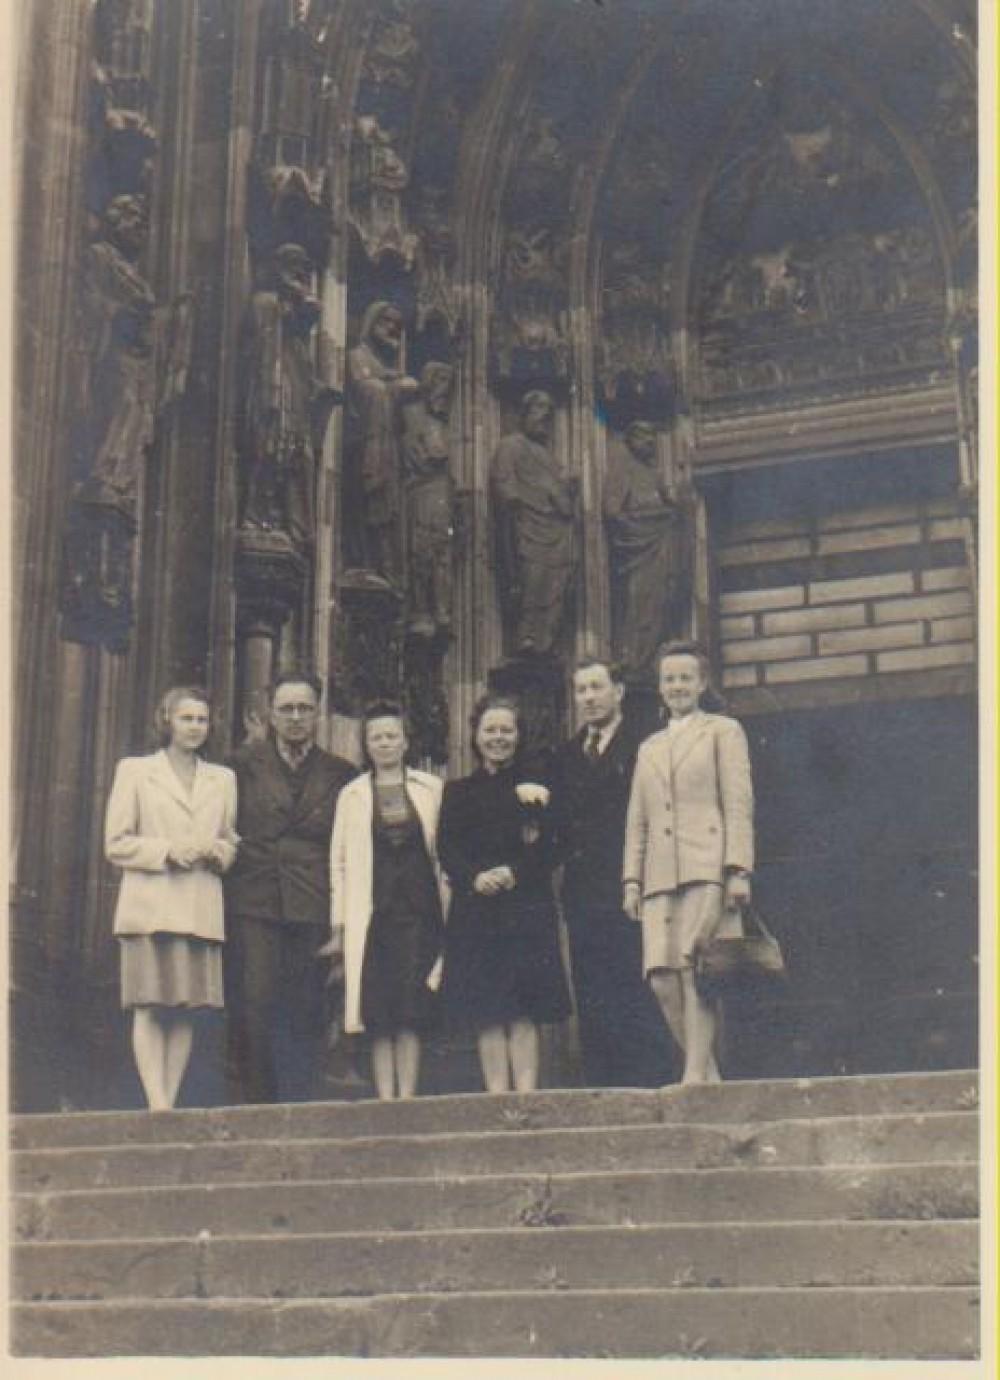 Ateitininkų suvažiavimas Vokietijoje. Alė Rūta – pirma iš kairės. 1947 m.